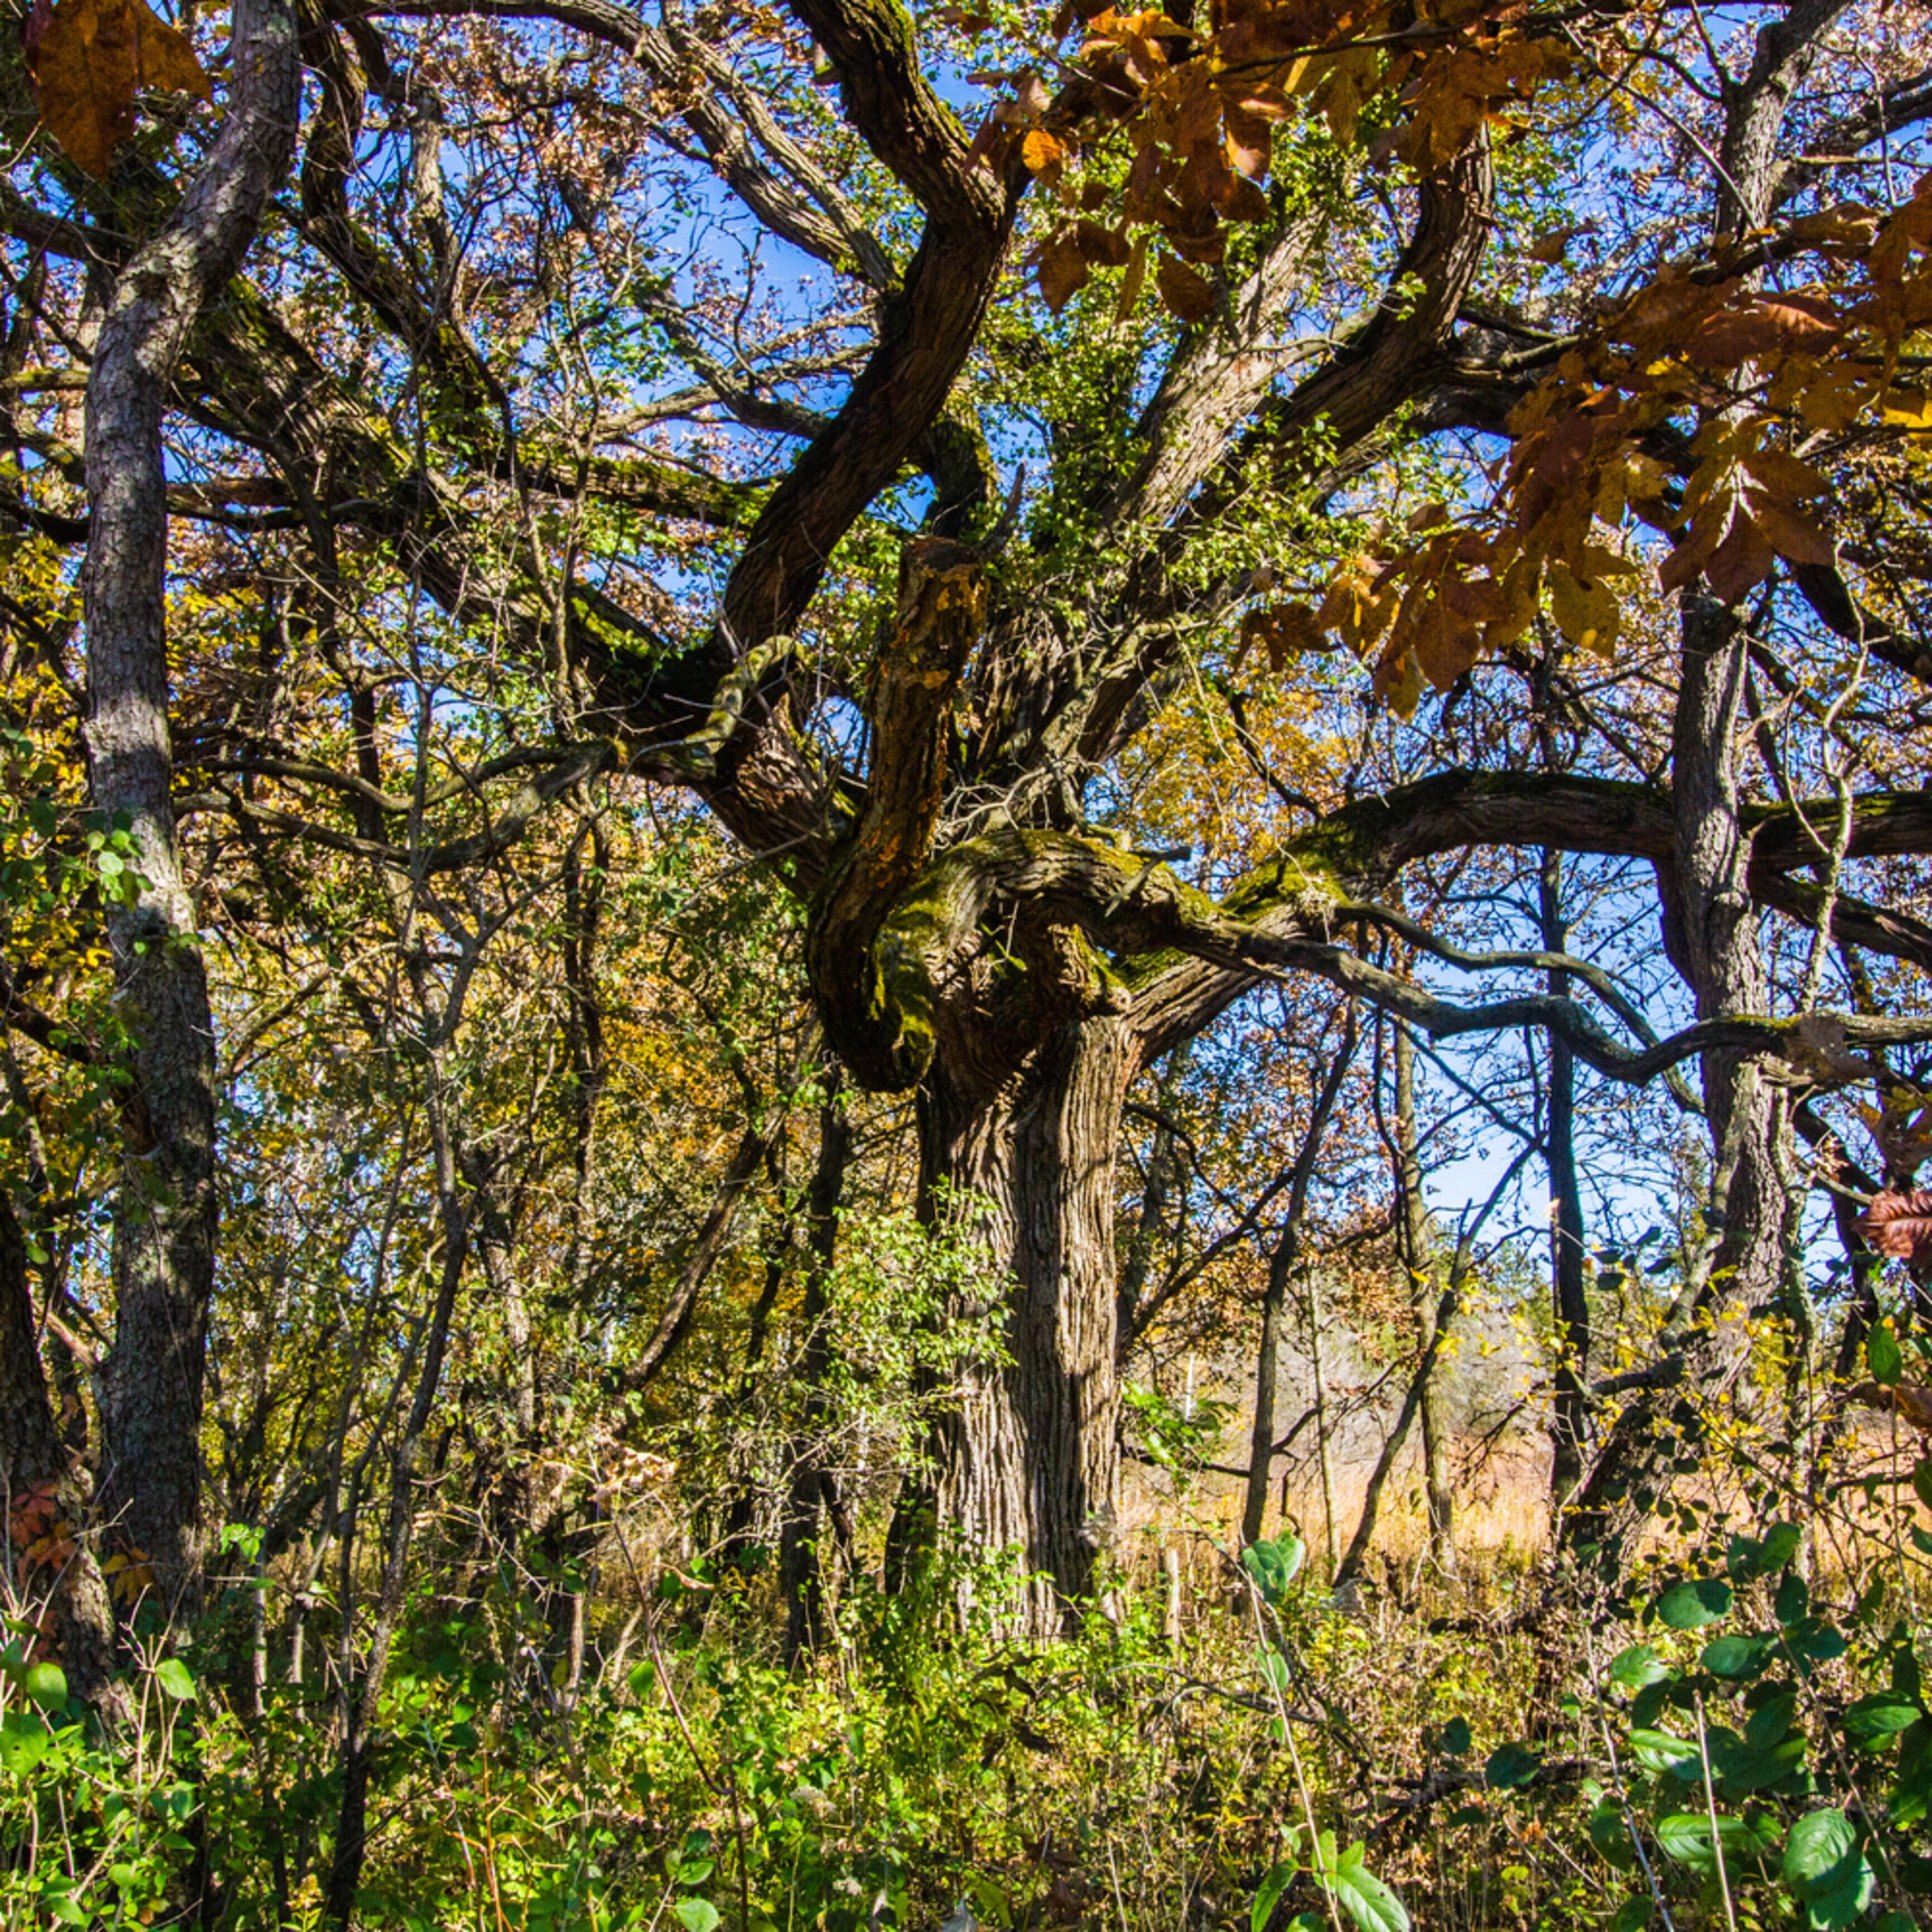 Old burr oak tree gkuf7o